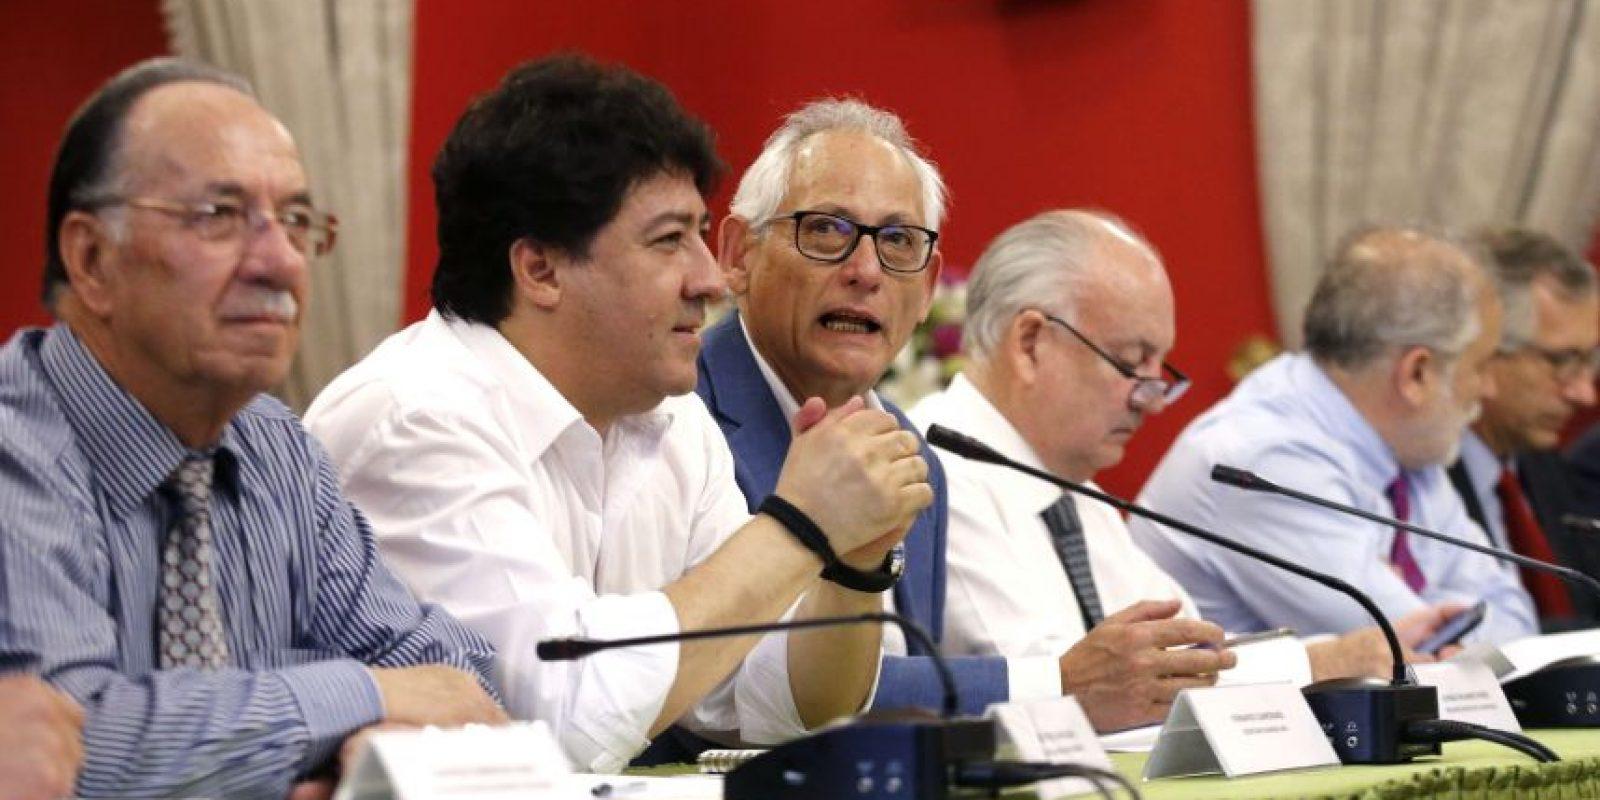 """""""Lo que vamos a hacer hoy día es iniciar el proceso de priorización. Sabemos que son más de 150 proyectos que componen la agenda legislativa y tenemos que llegar a un número más reducido por las semanas concretas de tramitación legislativa que quedan de aquí al fin del Gobierno"""", dijo la minimstra vocera de Gobierno, Paula Narváez, por el encuentro. Foto:Aton. Imagen Por:"""